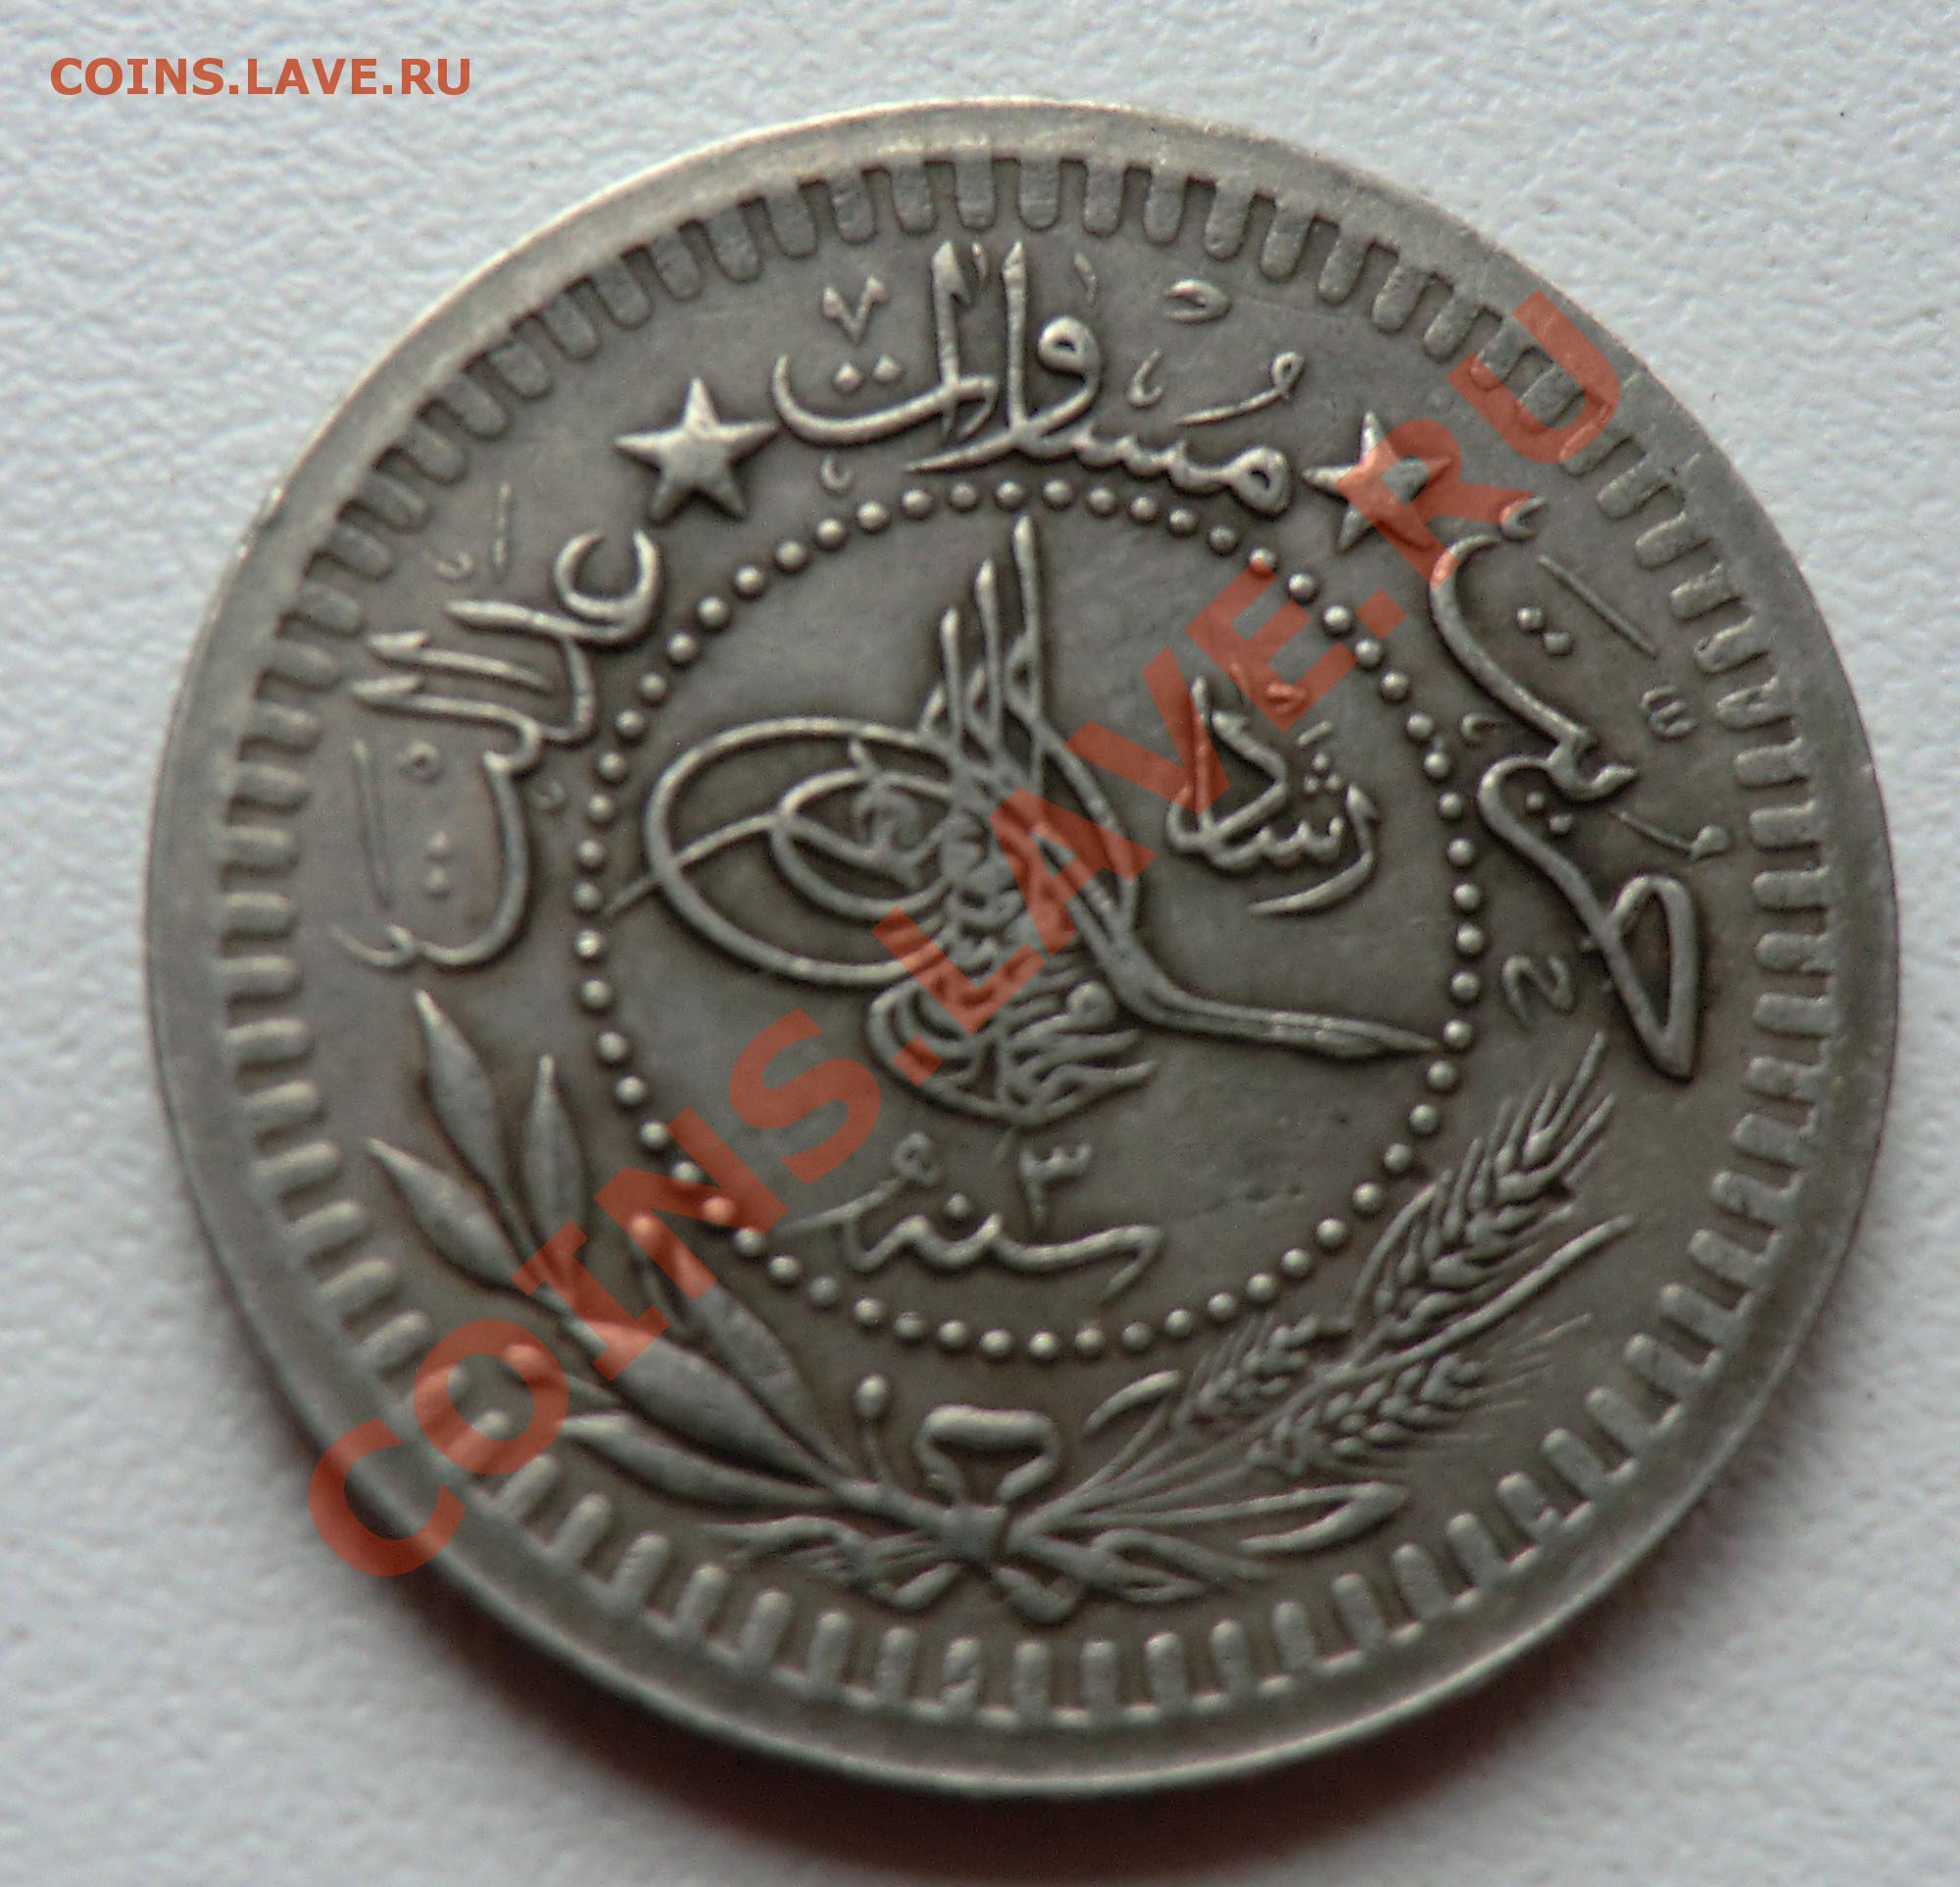 монеты с арабской вязью фото сжатого воздуха нельзя